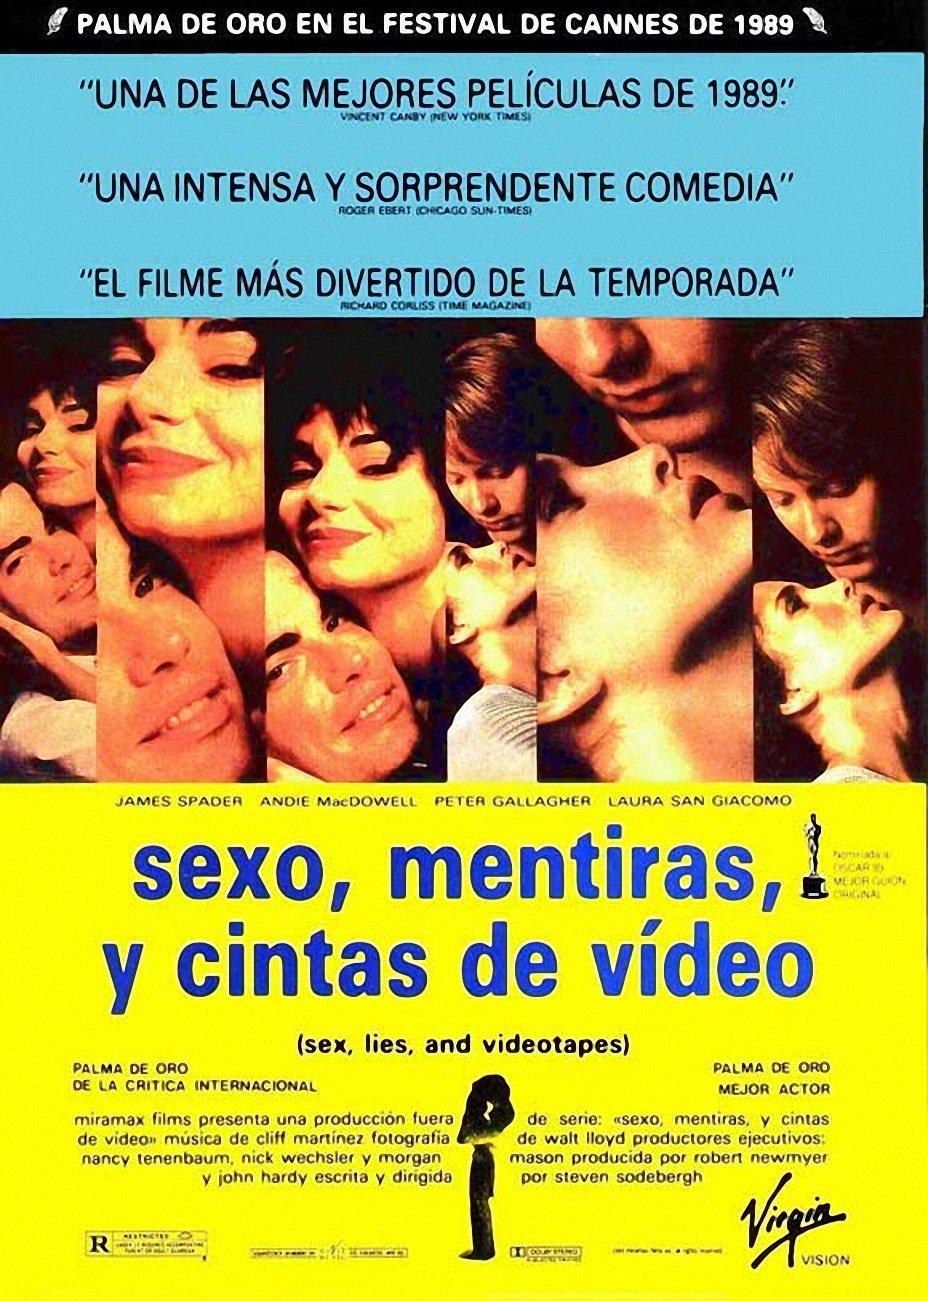 Cartel de Sexo, mentiras y cintas de vídeo